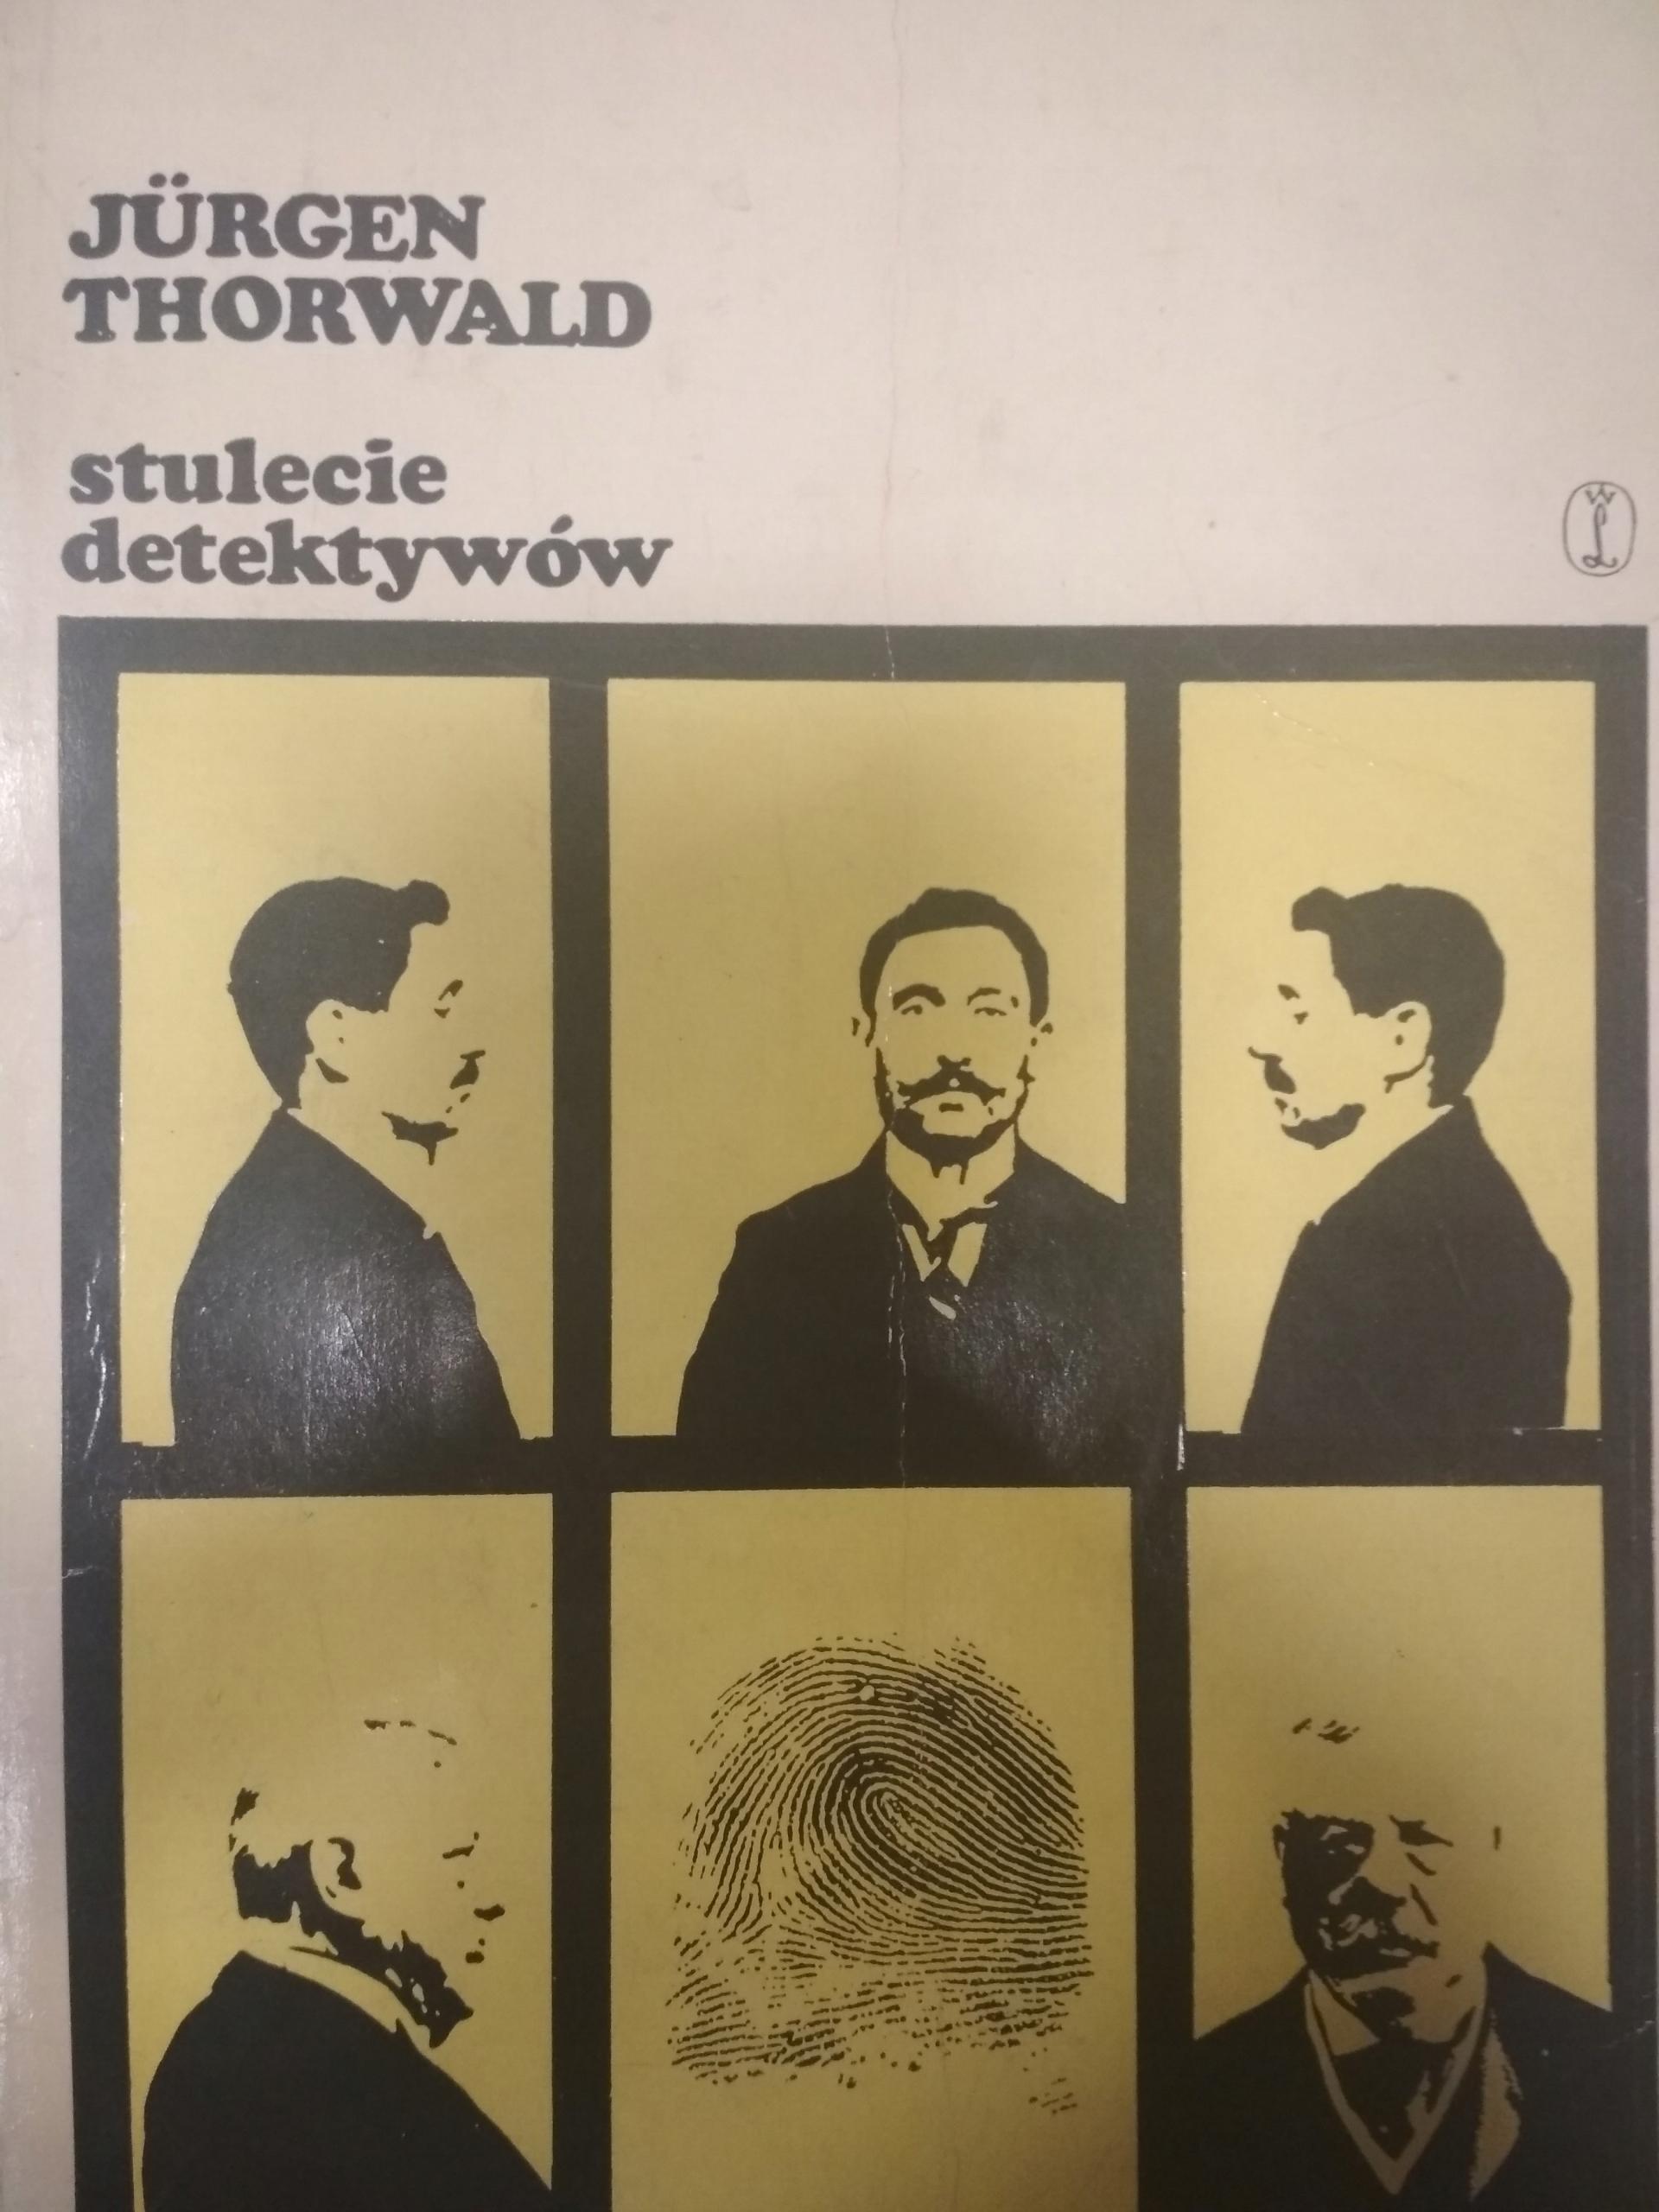 Thorwald STULECIE DETEKTYWÓW